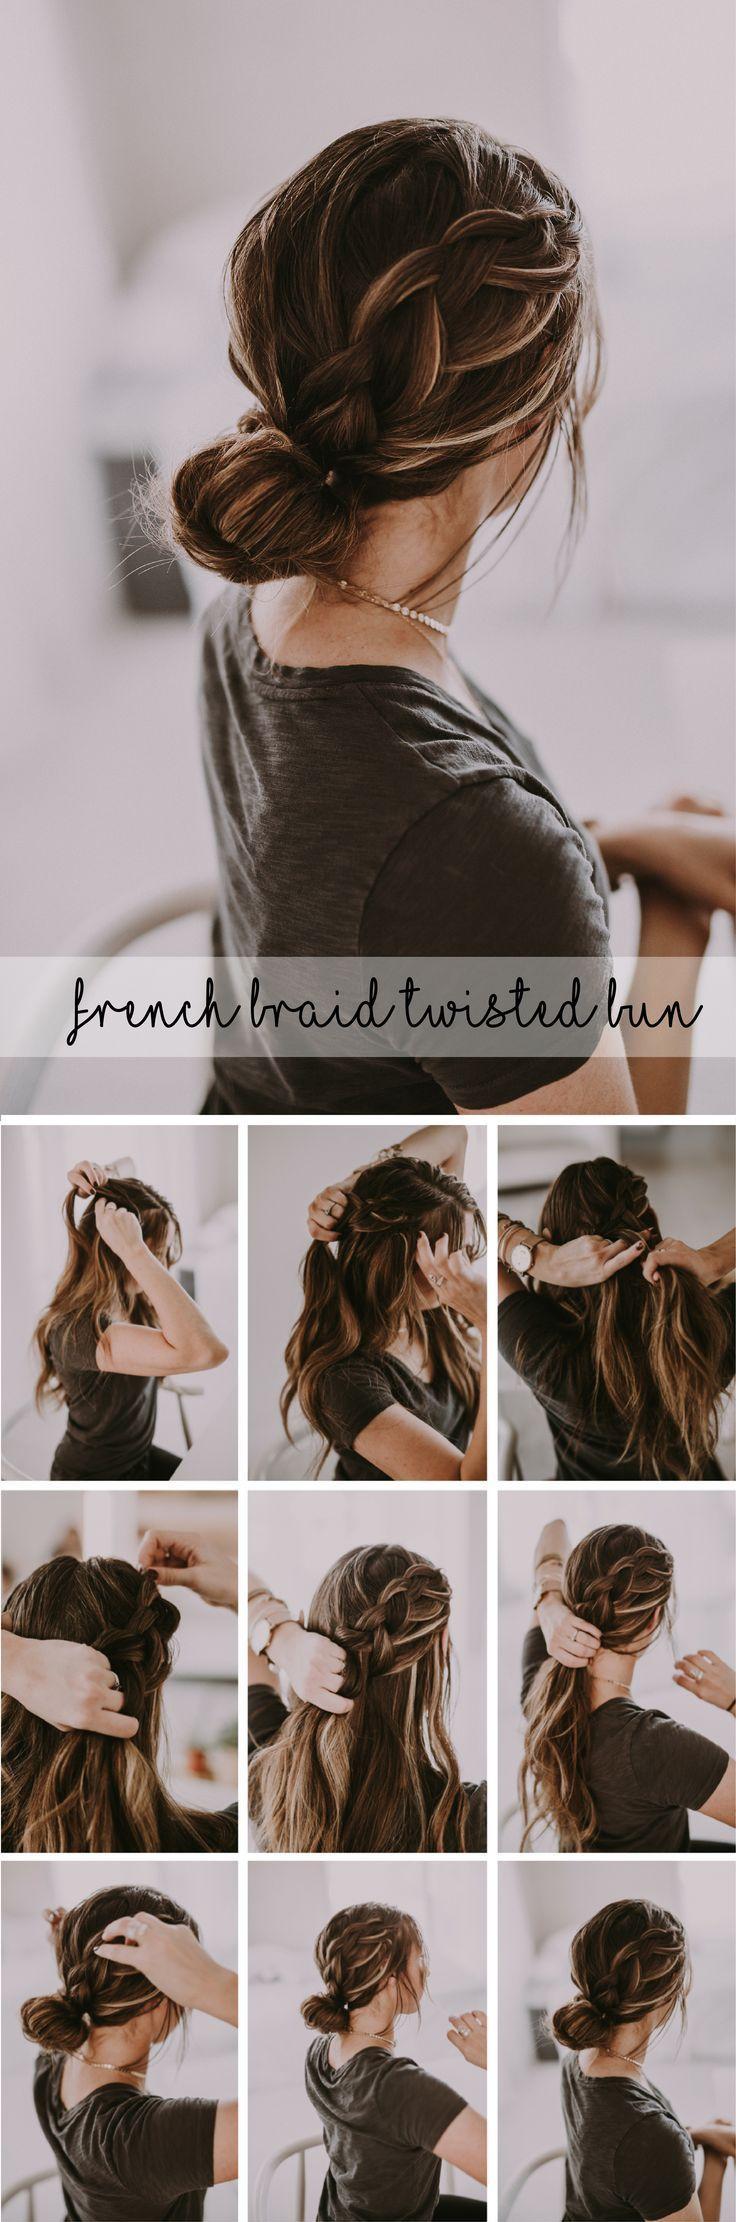 French braid bun tutorials twist bun french braid and sweatshirt